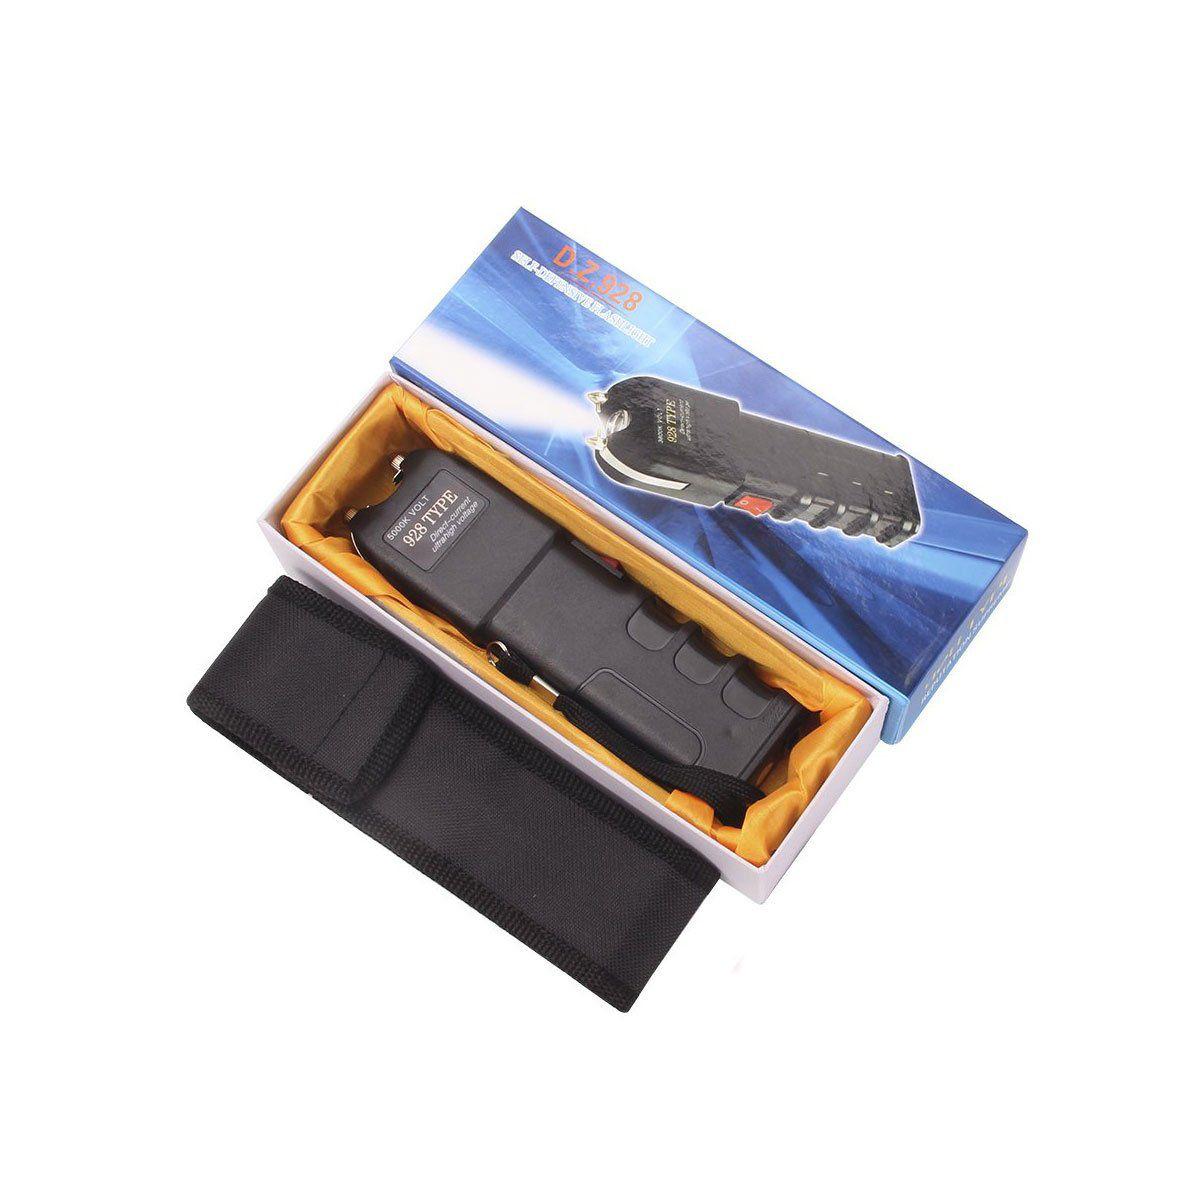 Aparelho de Choque Recarregável DZ 928 28000 Volt